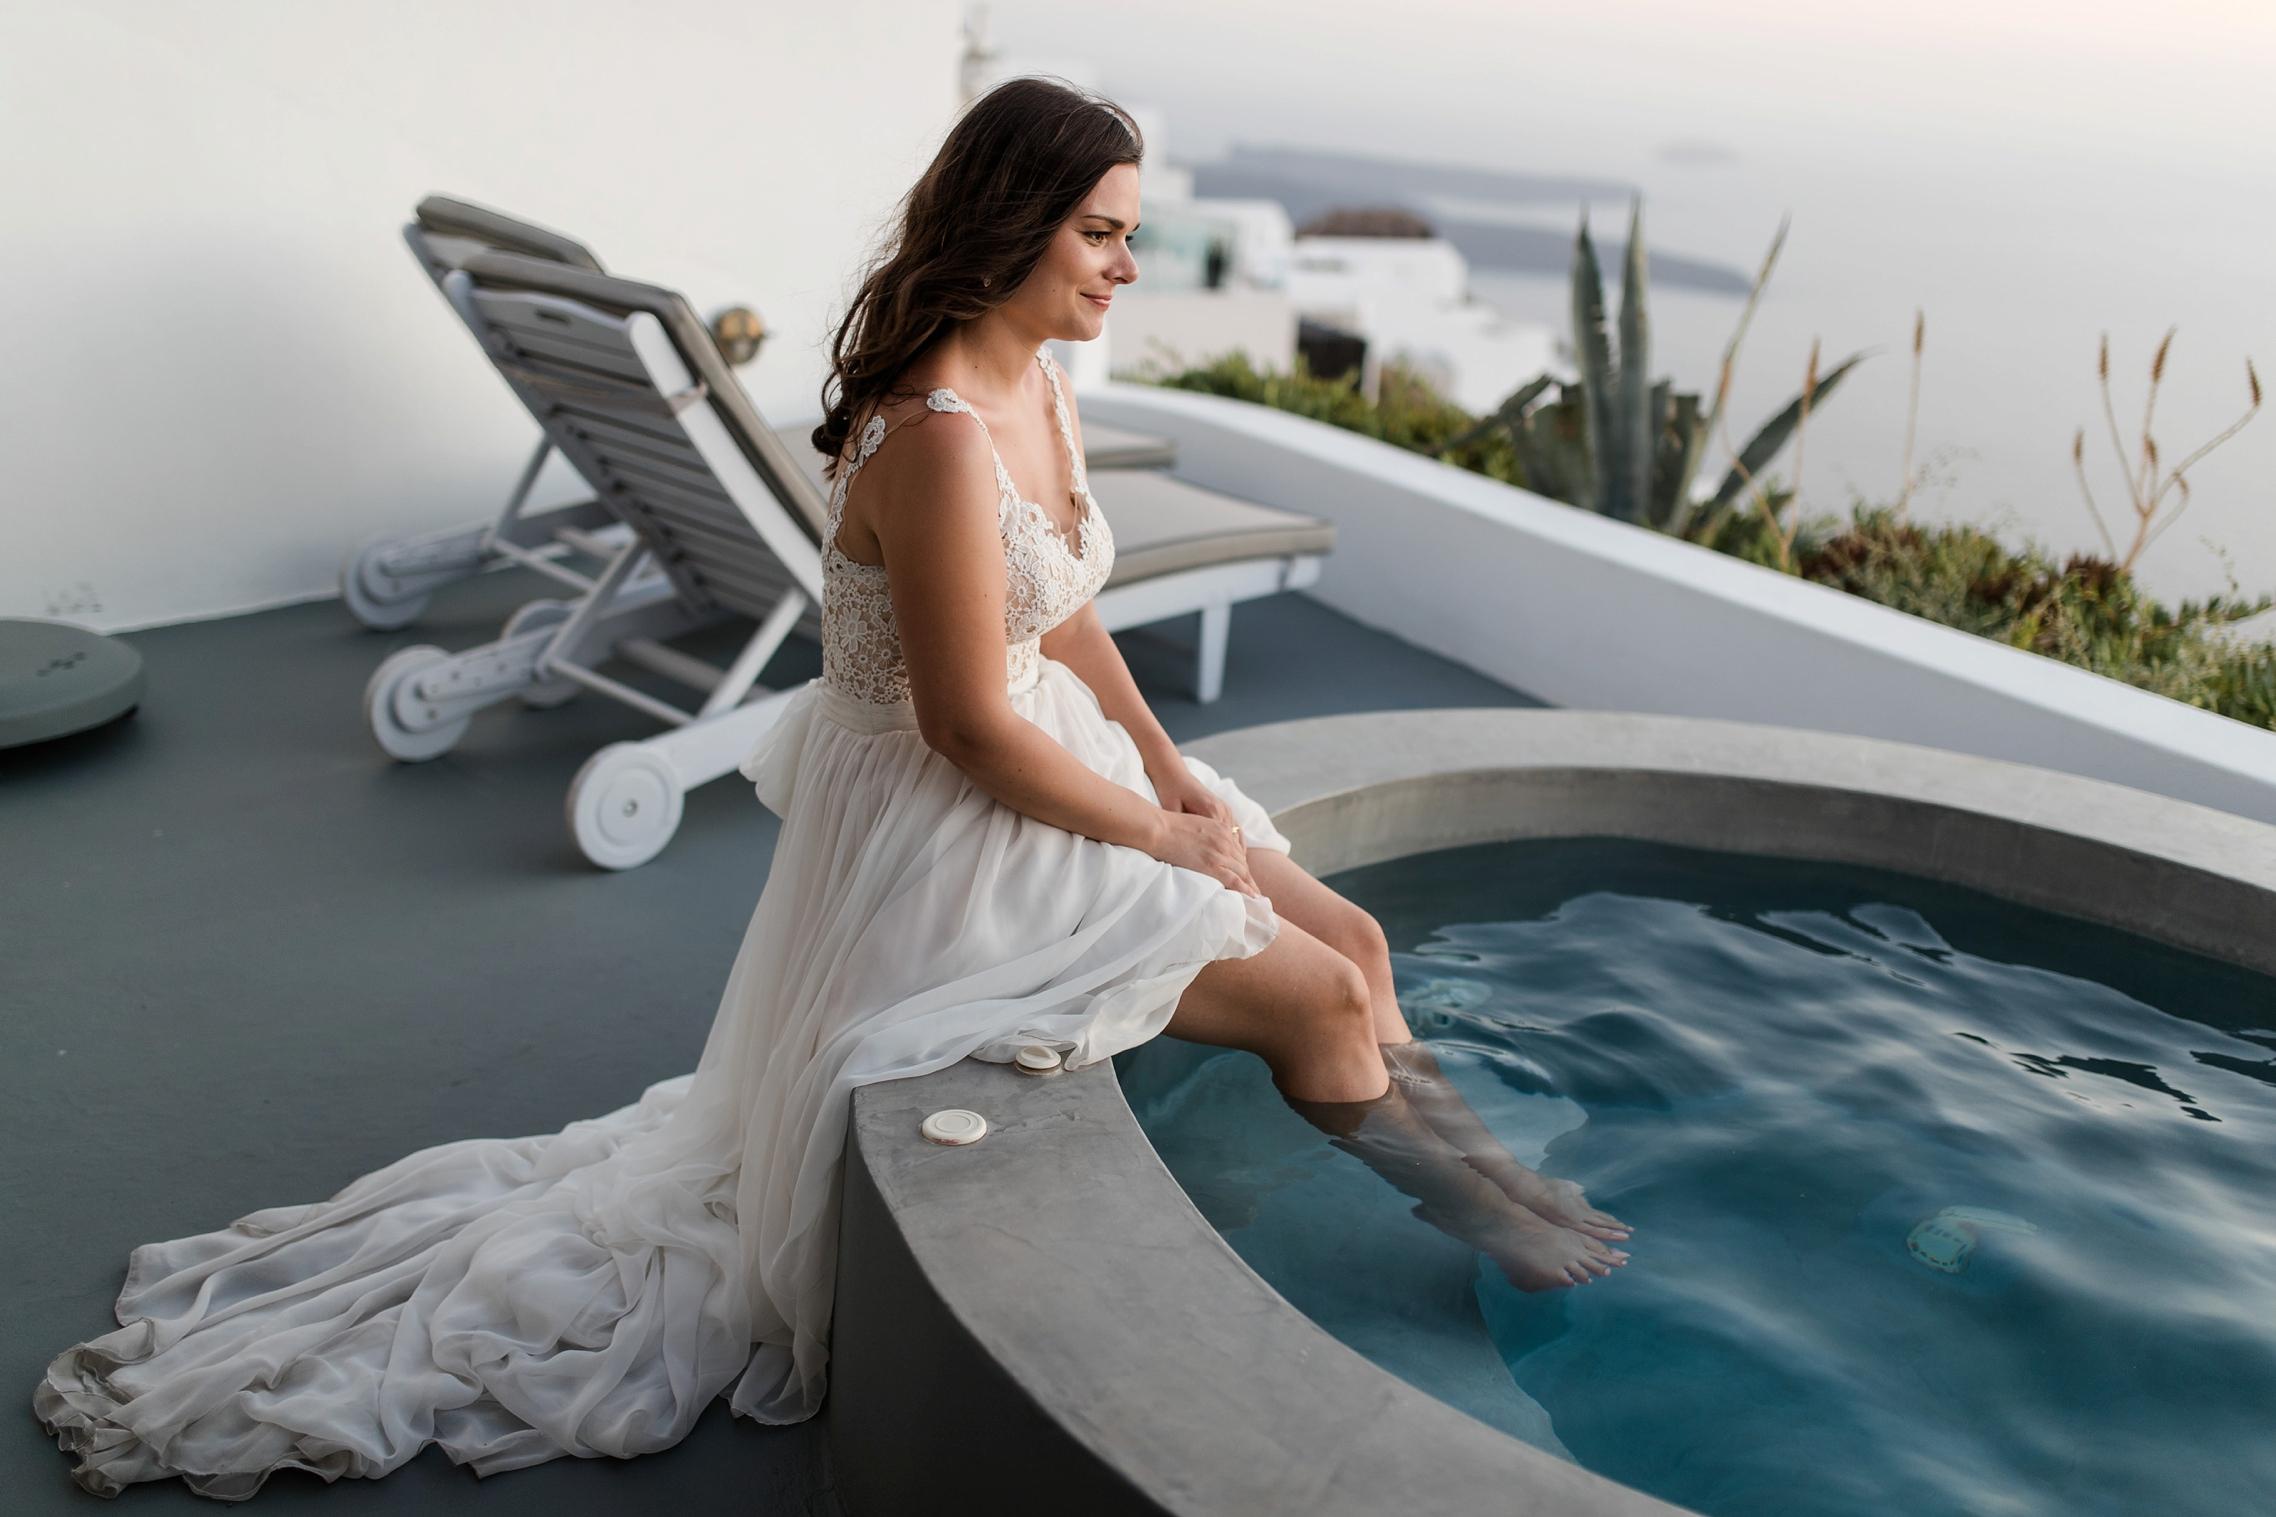 Die Braut entspannt sich am Whirlpool und hält ihre Füße ins Wasser.